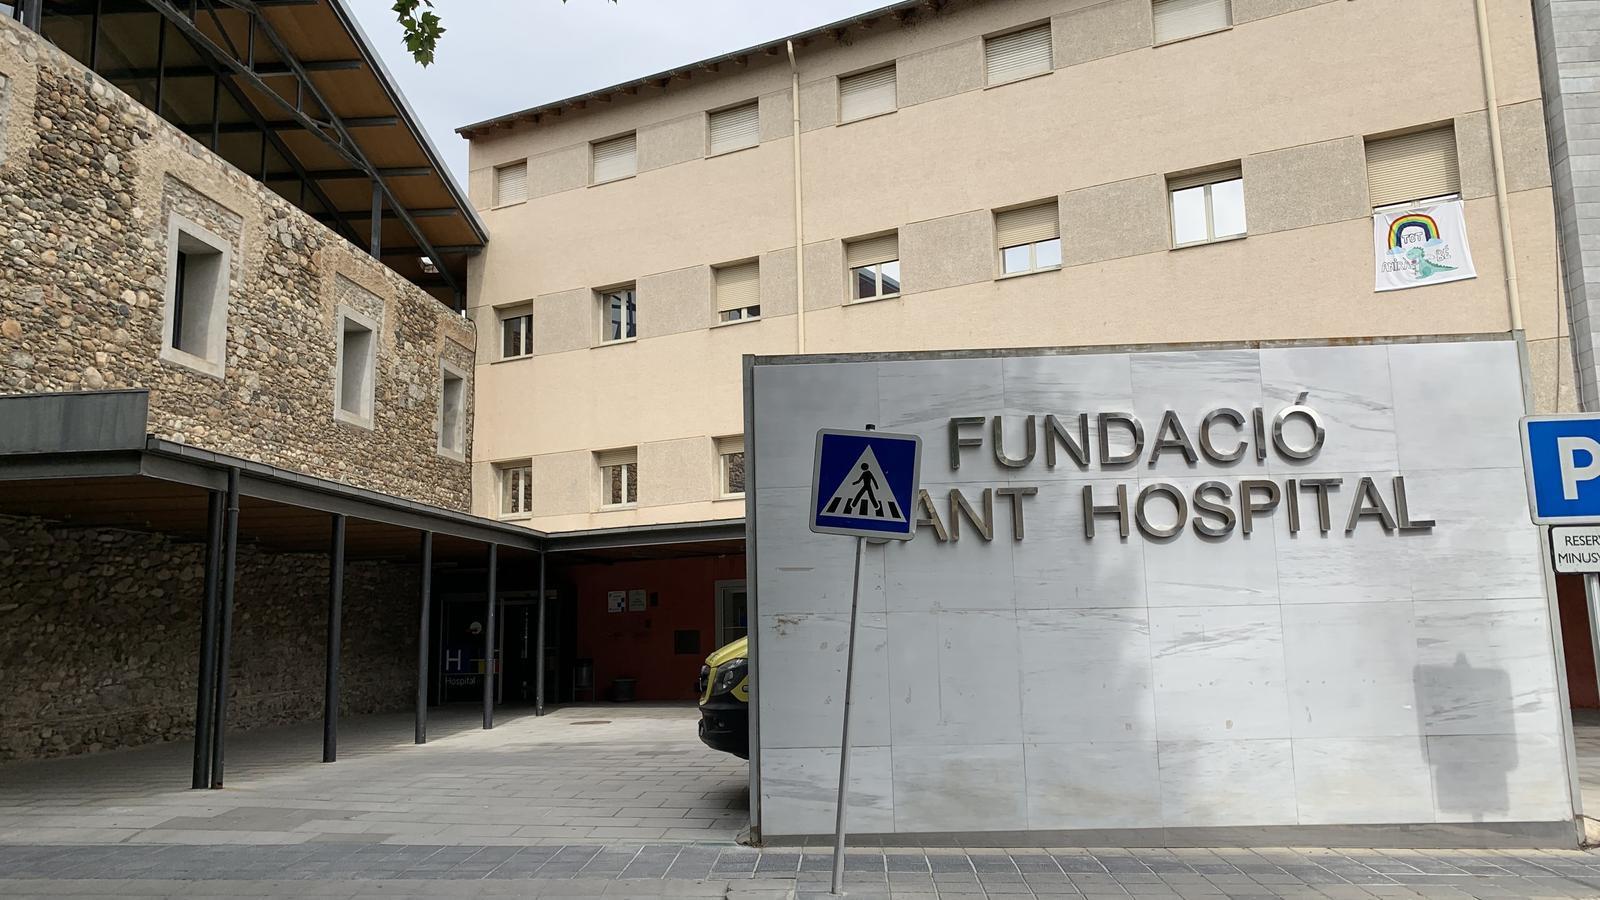 El Sant Hospital de la Seu d'Urgell. / G.L.T.